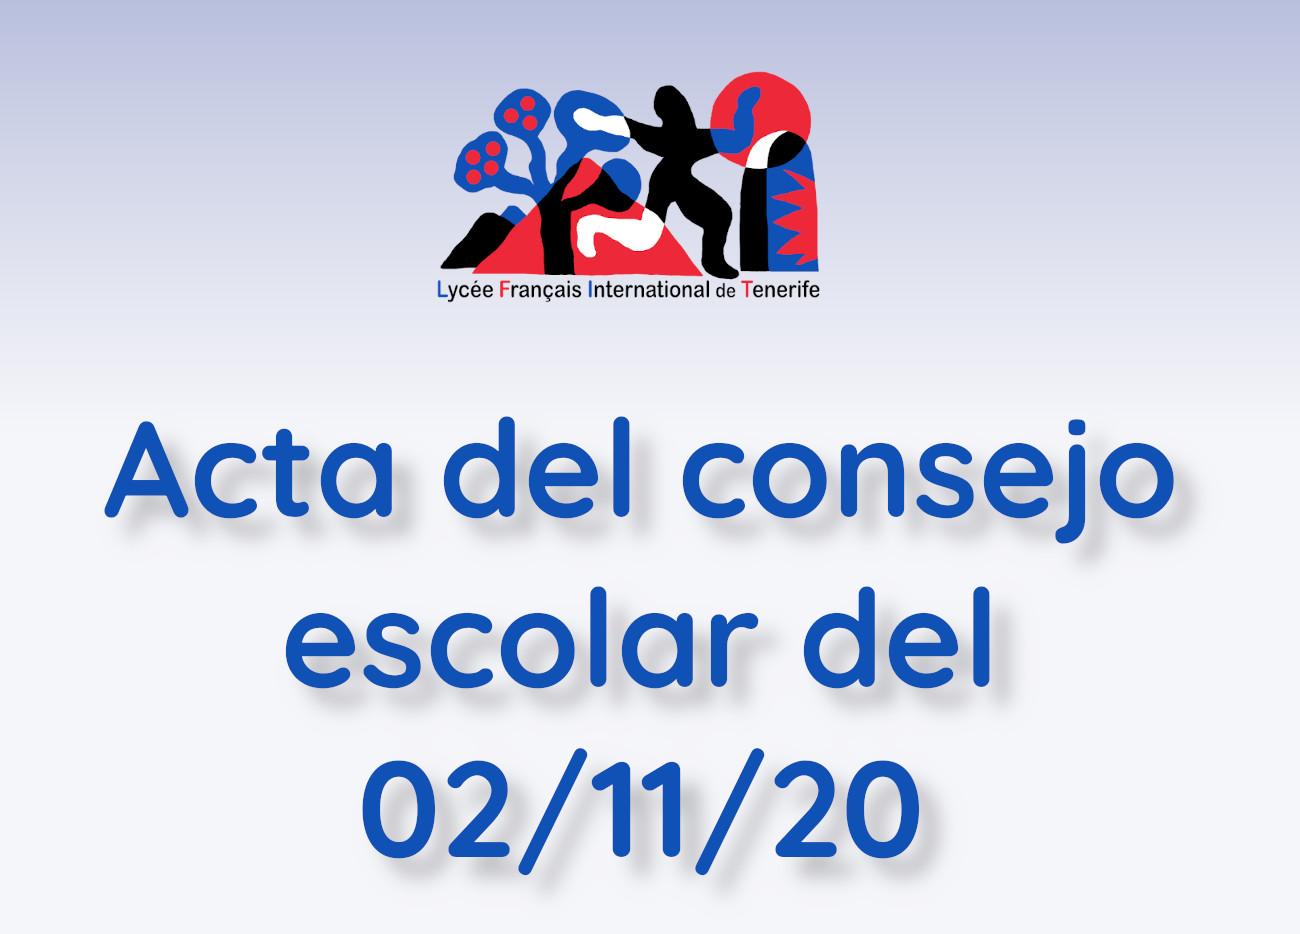 Acta del consejo escolar de 02/11/20